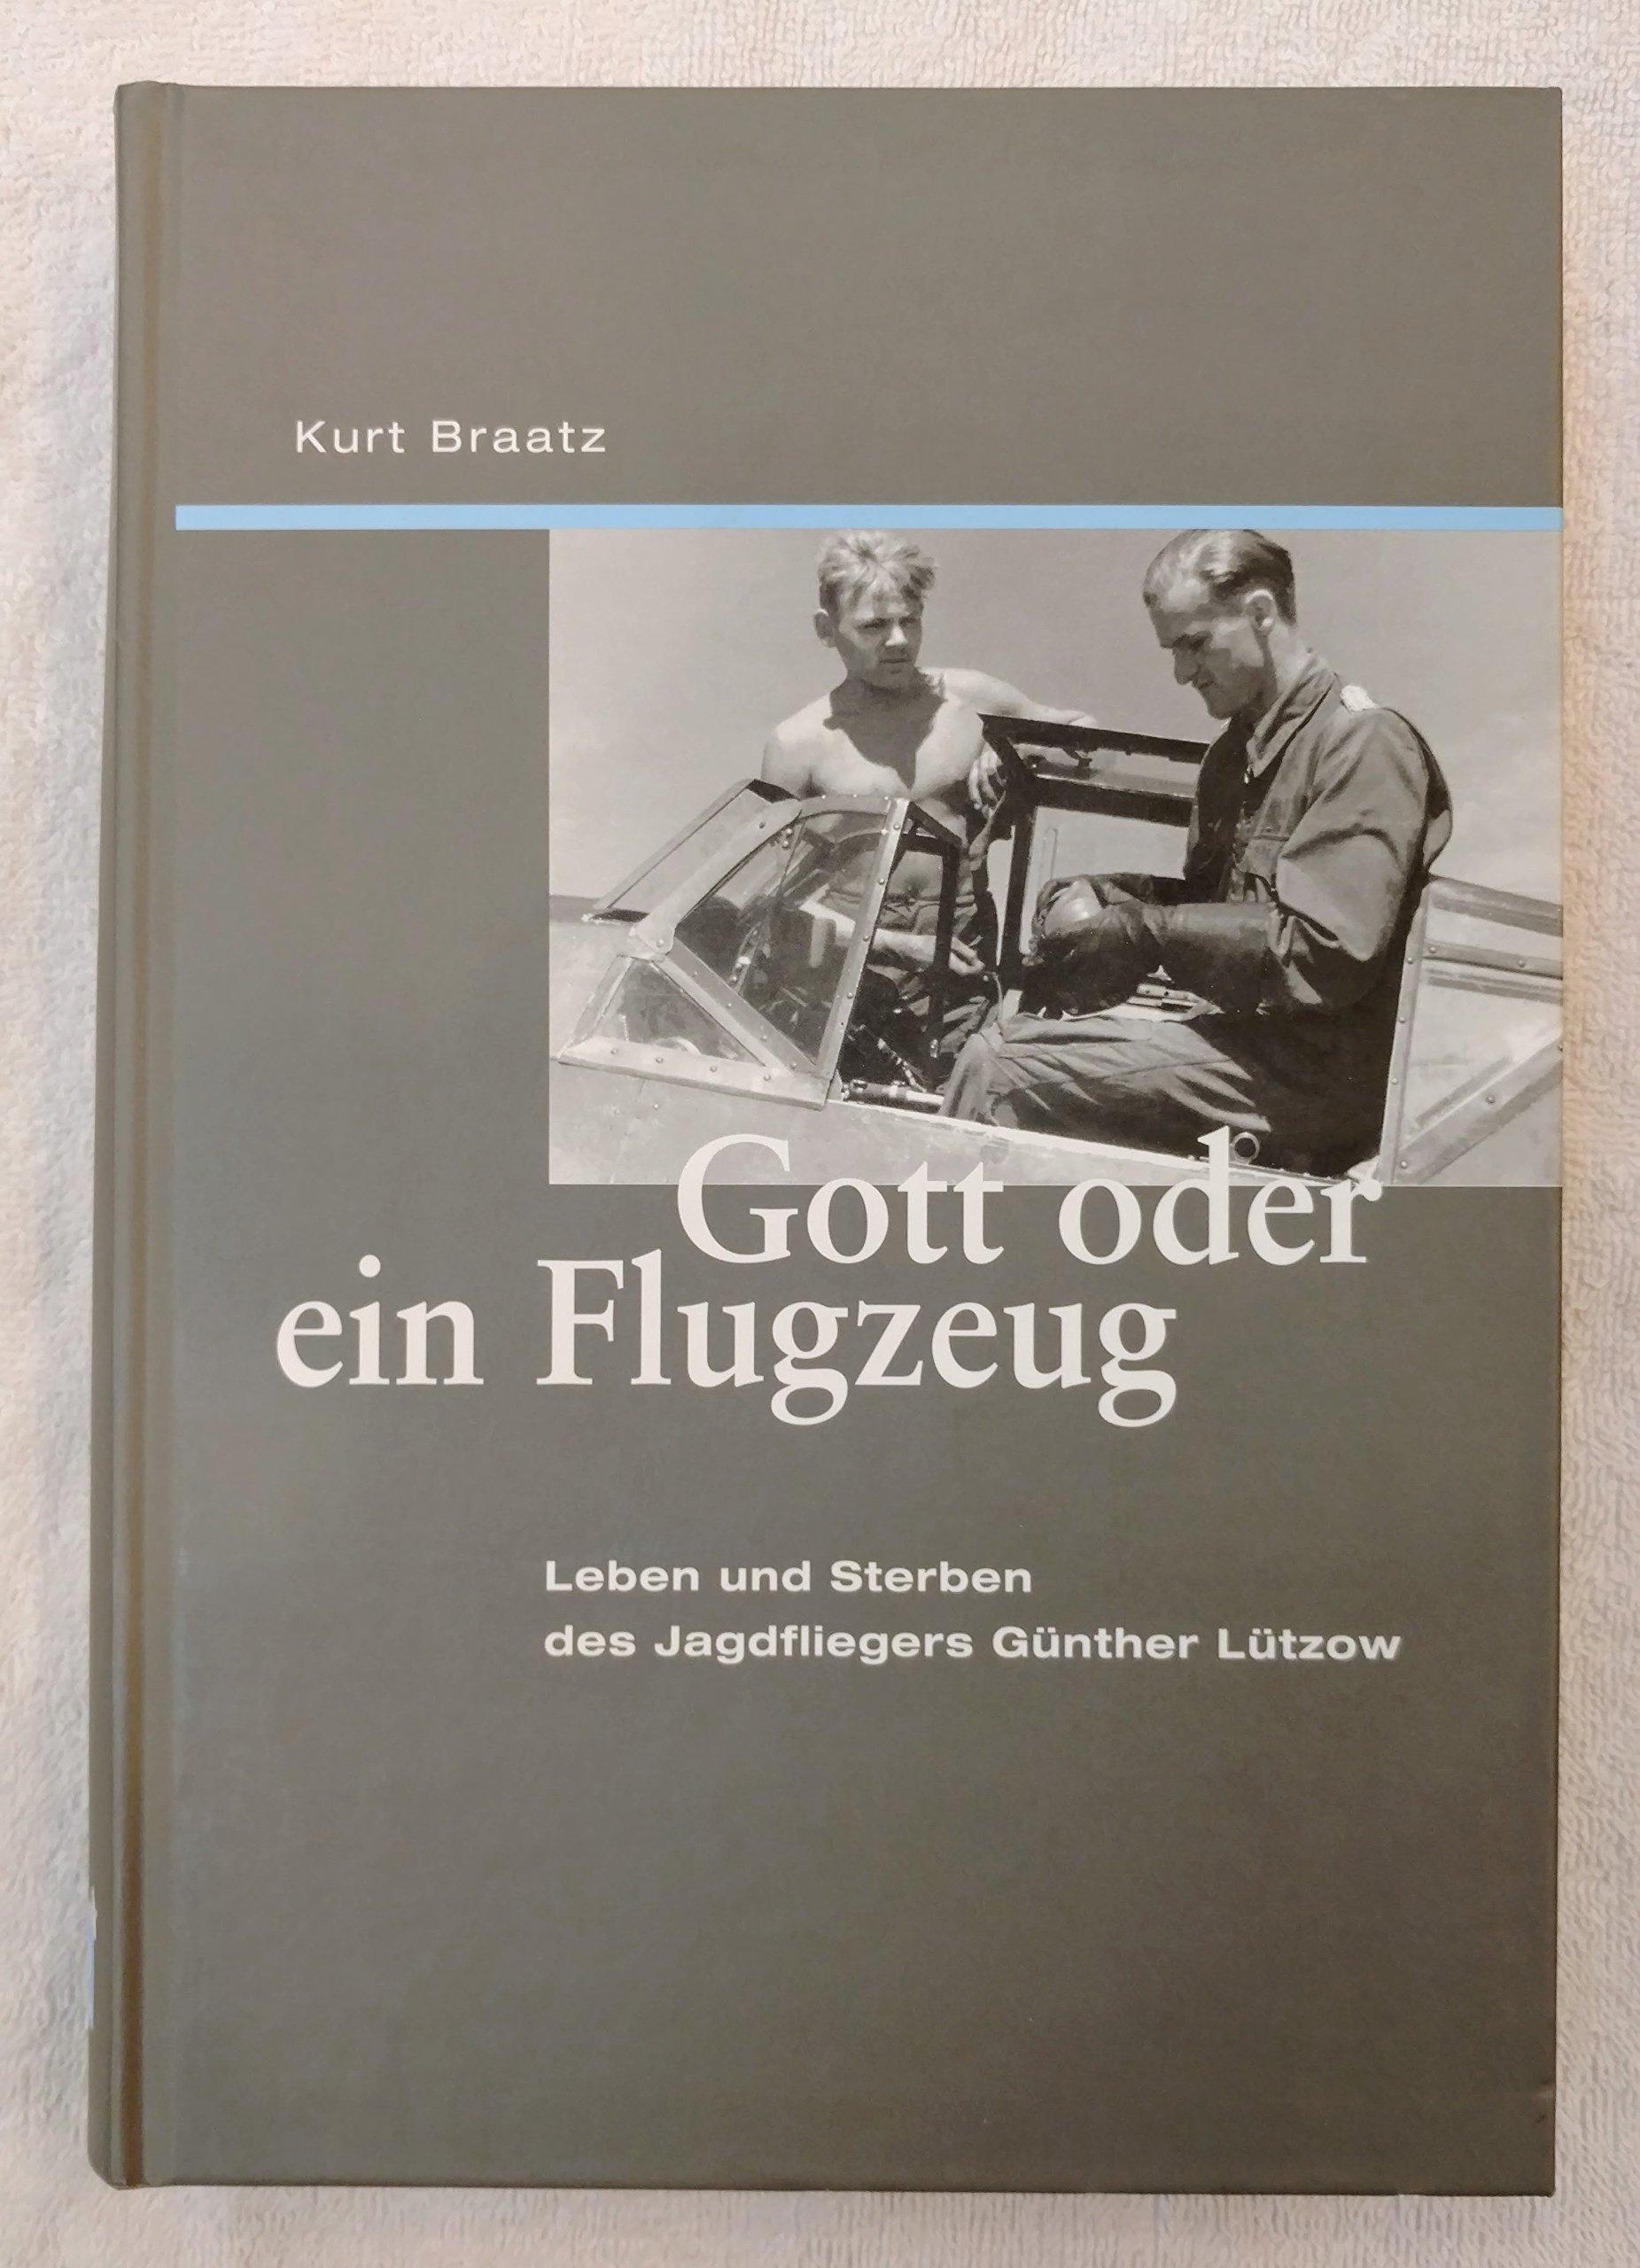 Gott oder ein Flugzeug: Leben und Sterben des Jagdfliegers Günther Lützow